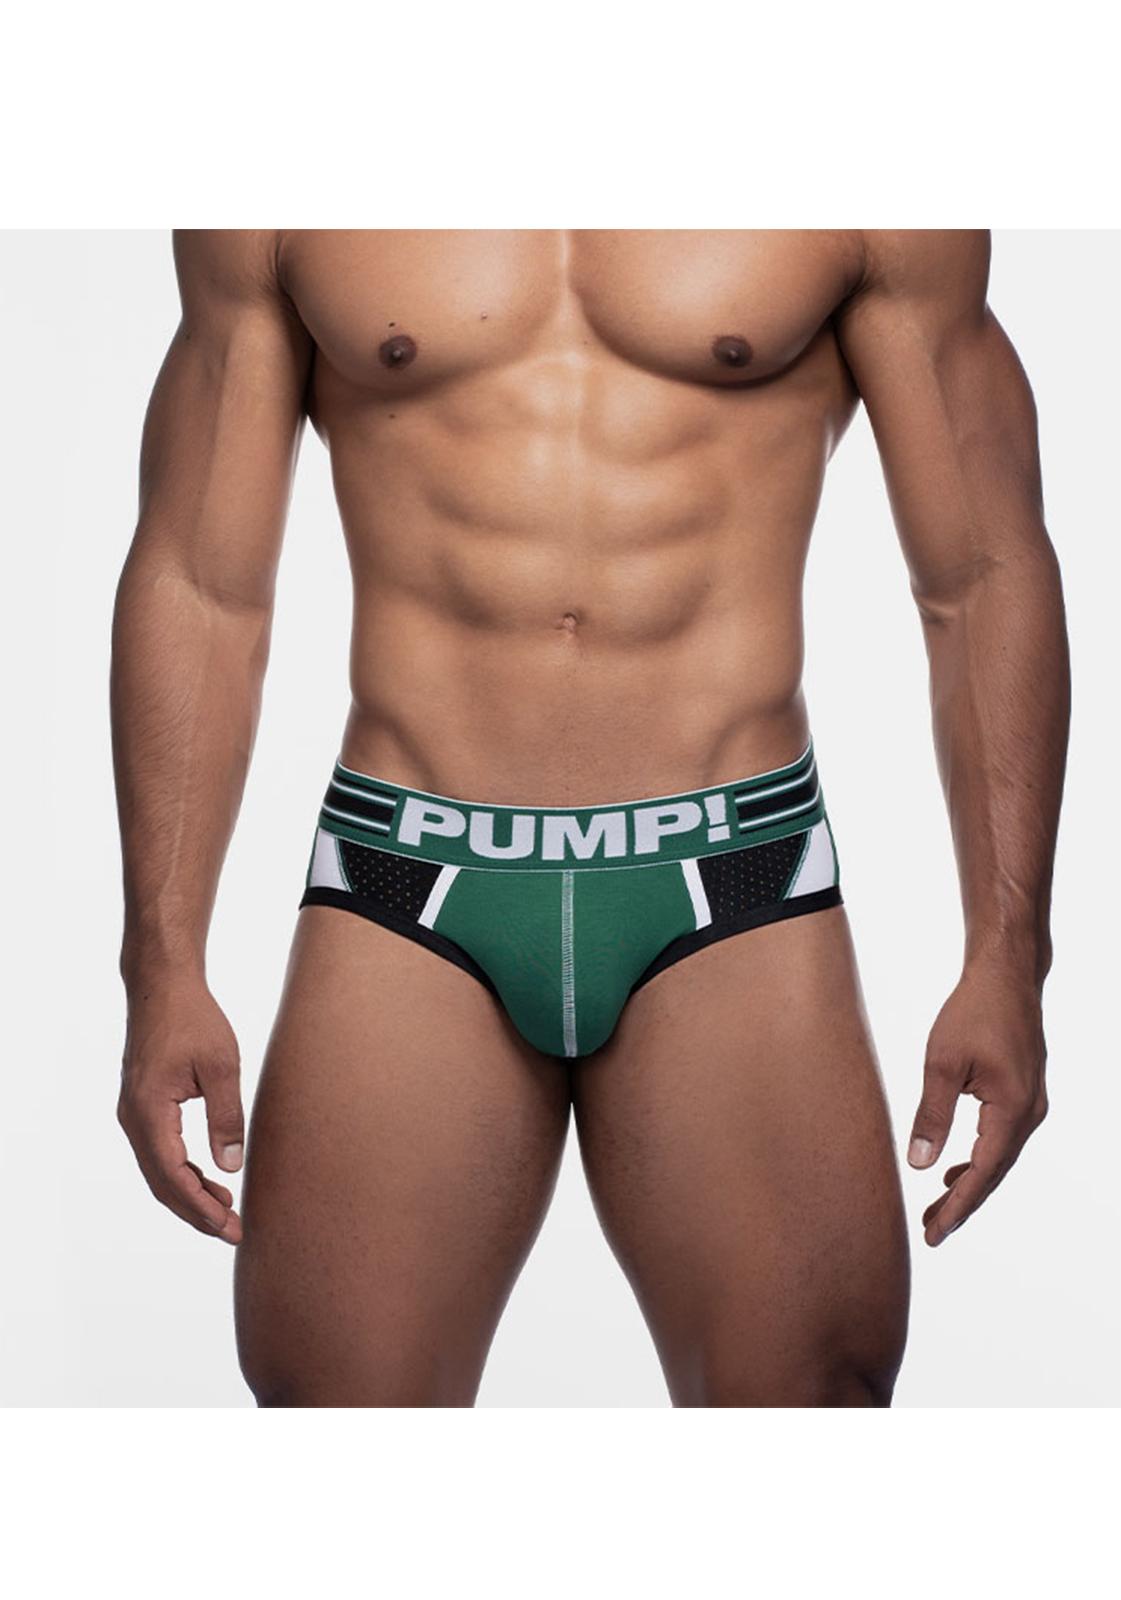 PUMP! Boost Sportboy Brief | Green/White/Black